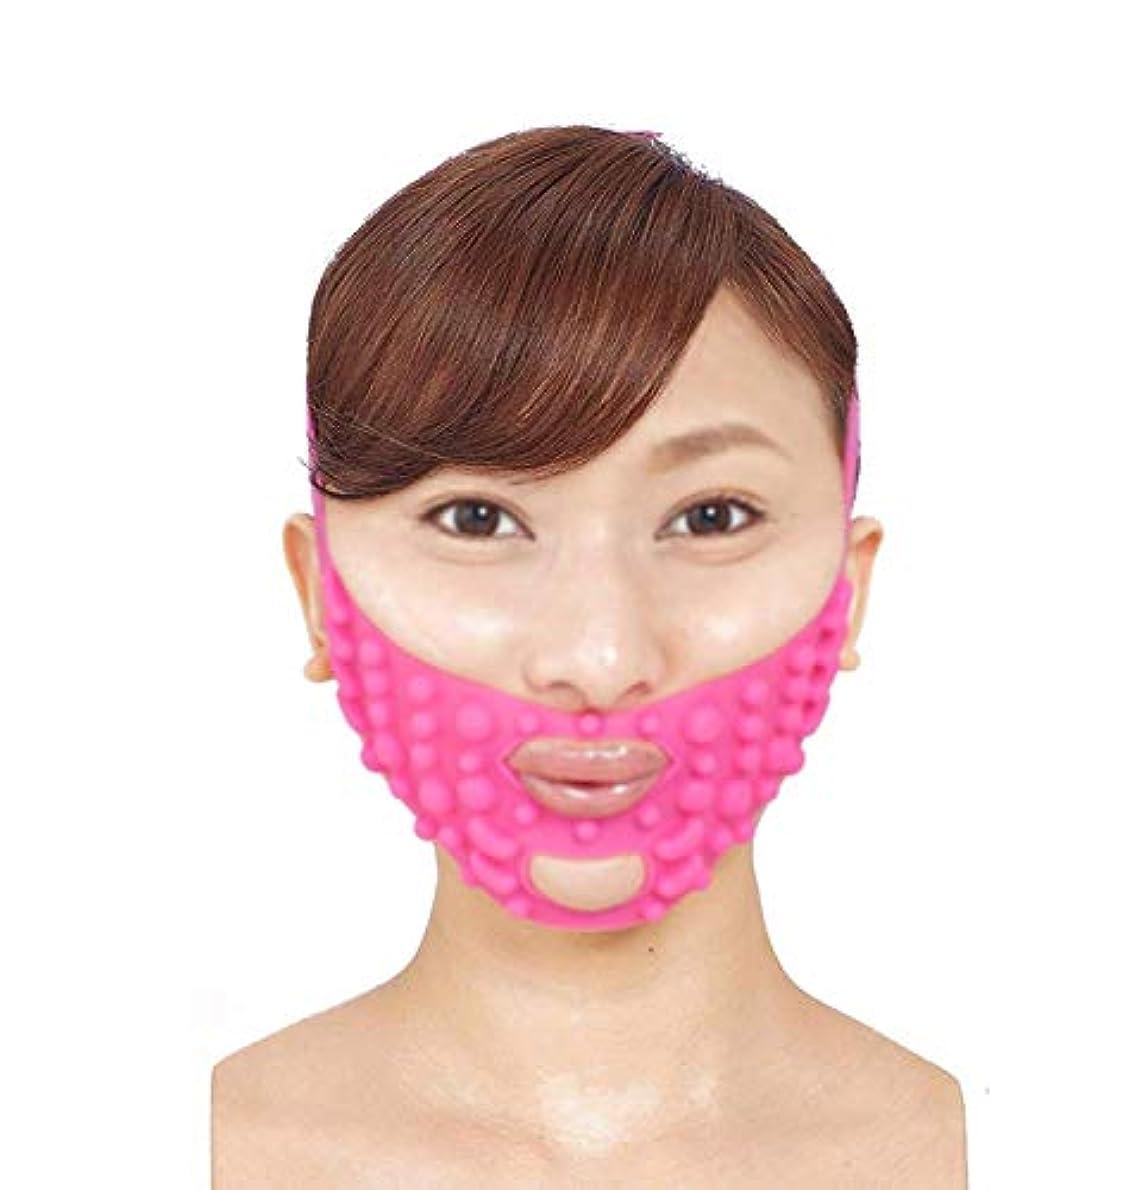 特異な思いやりのある周りフェイシャルマスク、リフティングアーティファクトフェイスマスク垂れ下がった小さなVフェイスバンデージ付きの顔 スリーピングフェイスダブルチンチンセットスリープエラスティックスリミングベルト